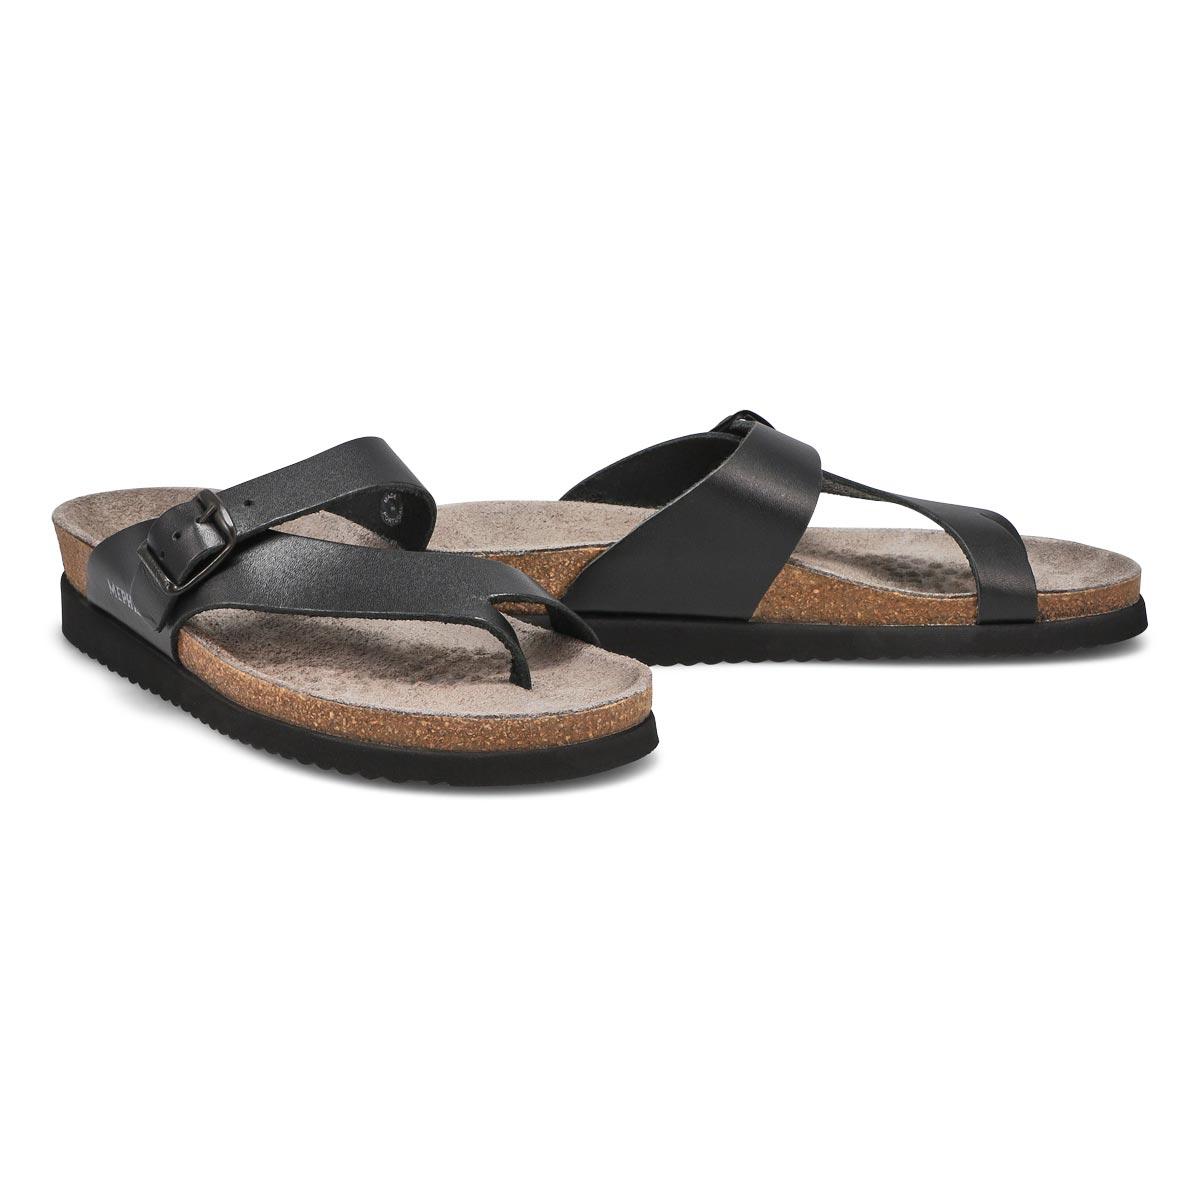 da70a8ba901 Mephisto. (258). Women's HELEN black thong sandals. $169.99. QUICK VIEW Add  To Bag